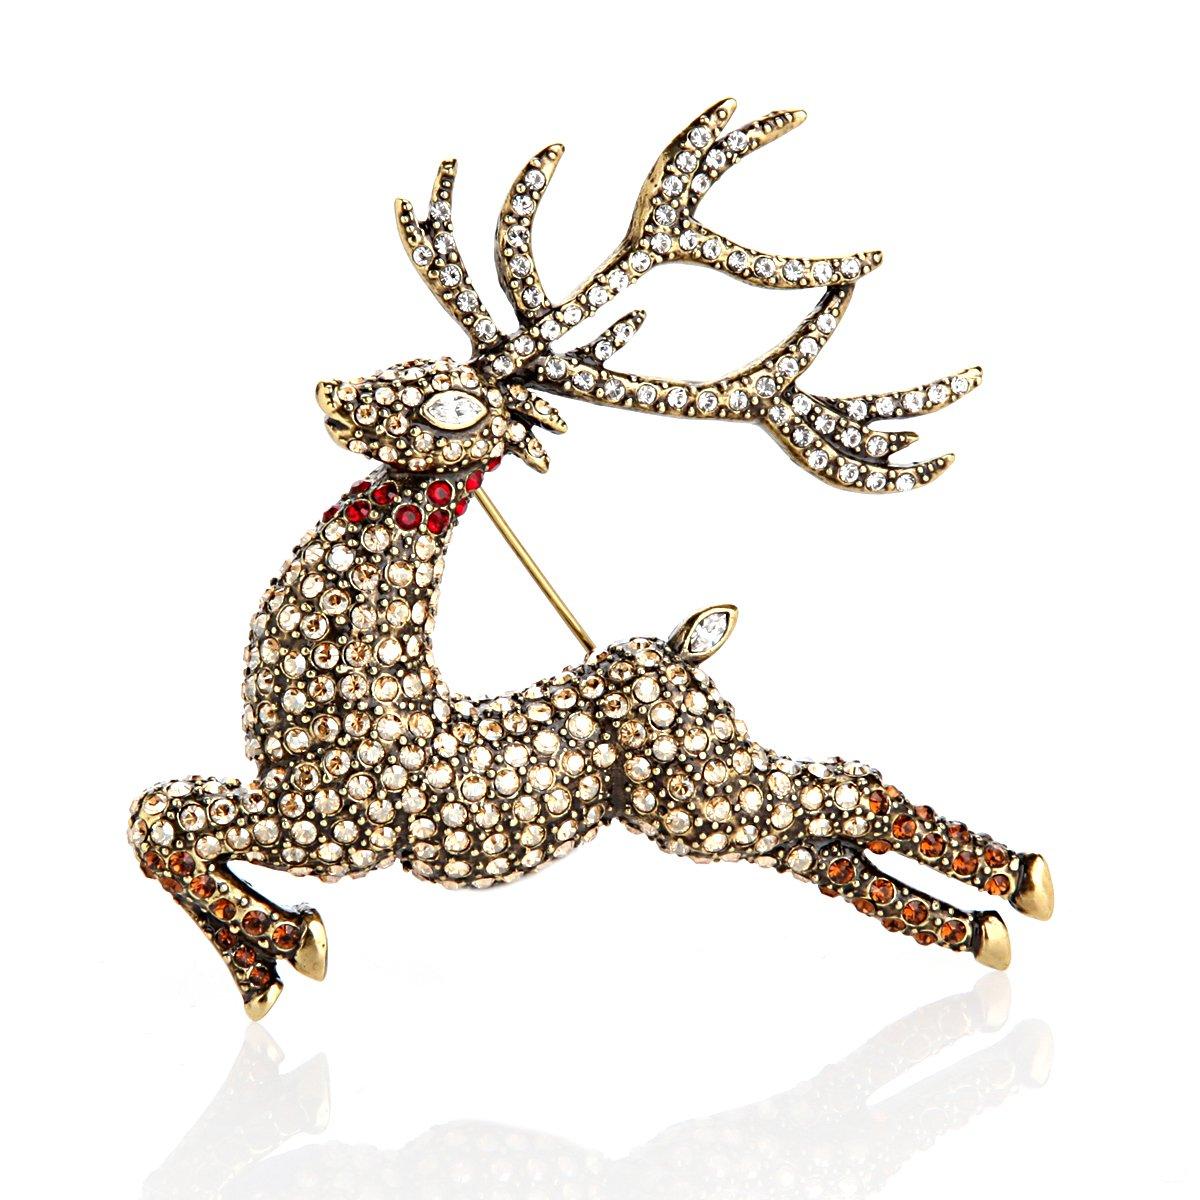 Heidi Daus Glitzen Reindeer Pin SOLDOUT EXQUISTE ONE OF A KIND SWAROVSKI CRYSTAL!!!